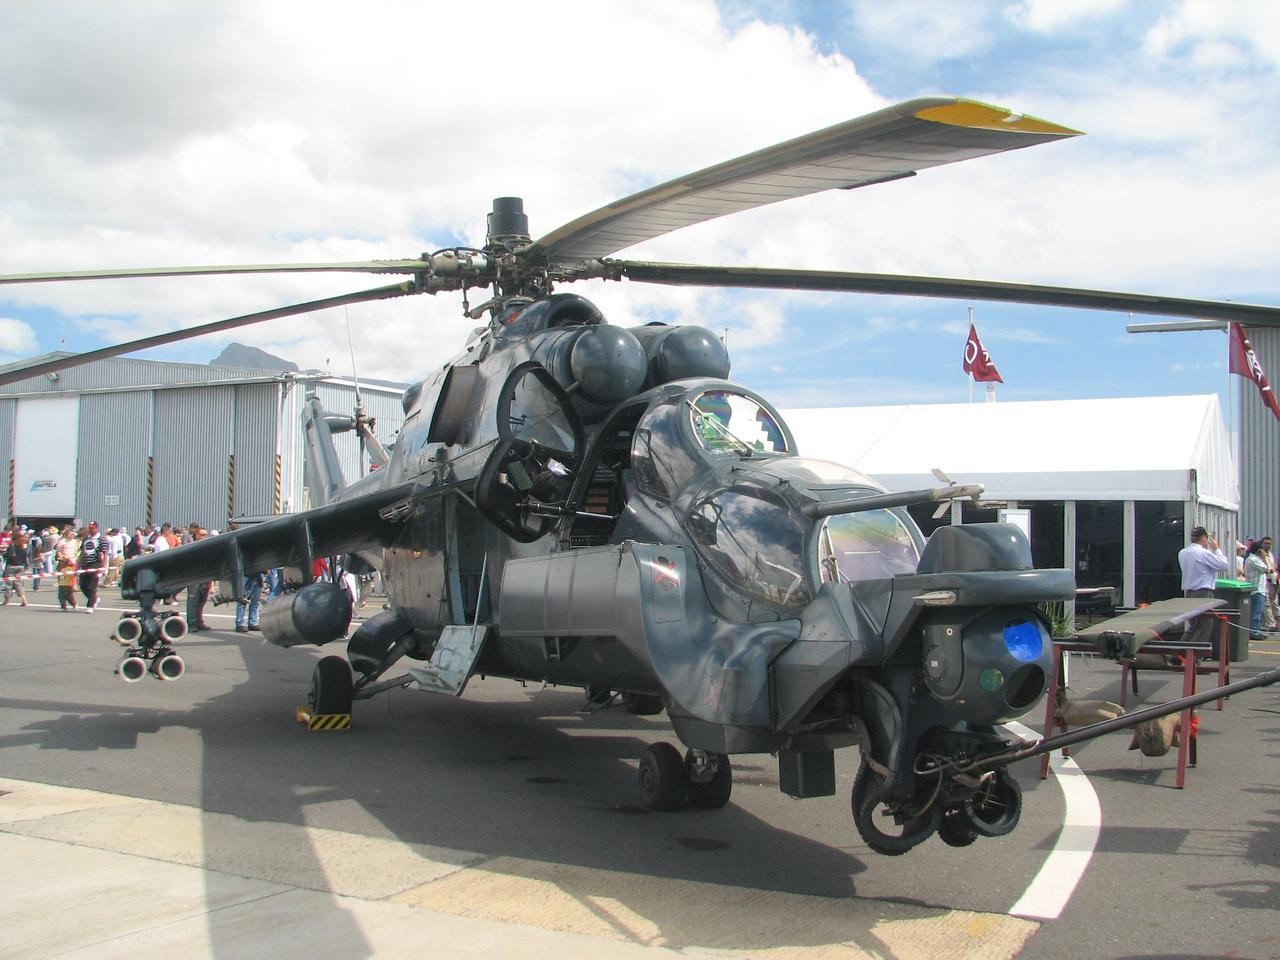 العراق اشترى صواريخ Ingwe المضاده للدروع لاستعالها على مروحيات EC635 Mi-24_Super_Agile_Hind_on_ground_2006